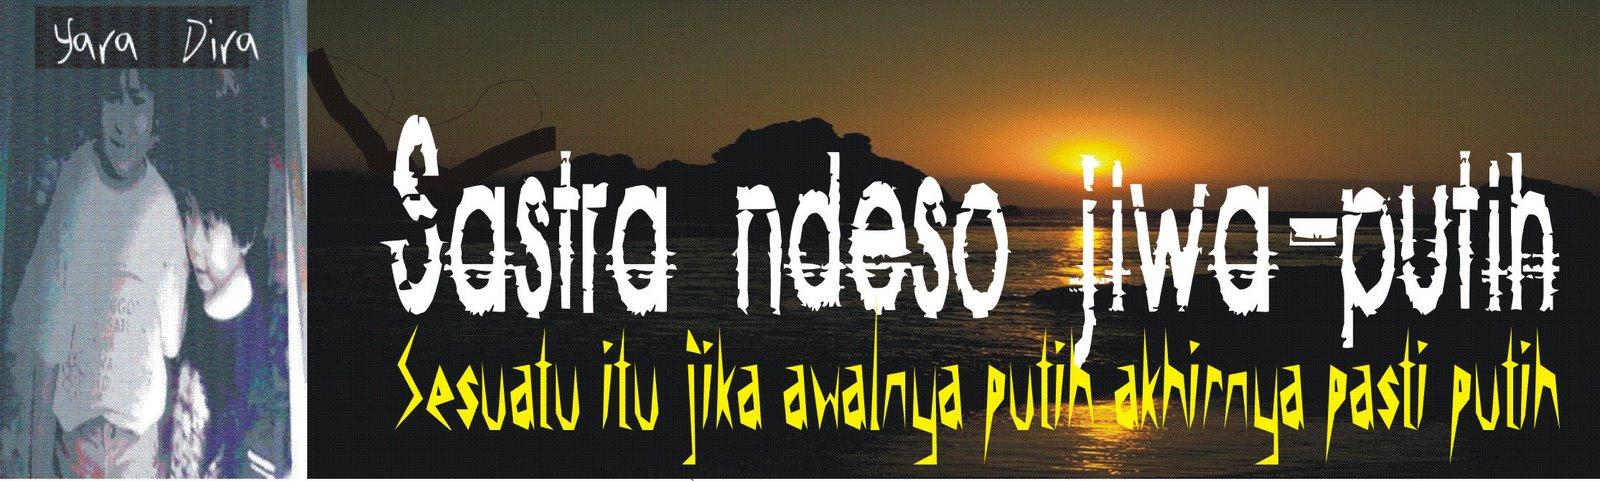 SASTRA NDESO  ( JIWA-PUTIH )